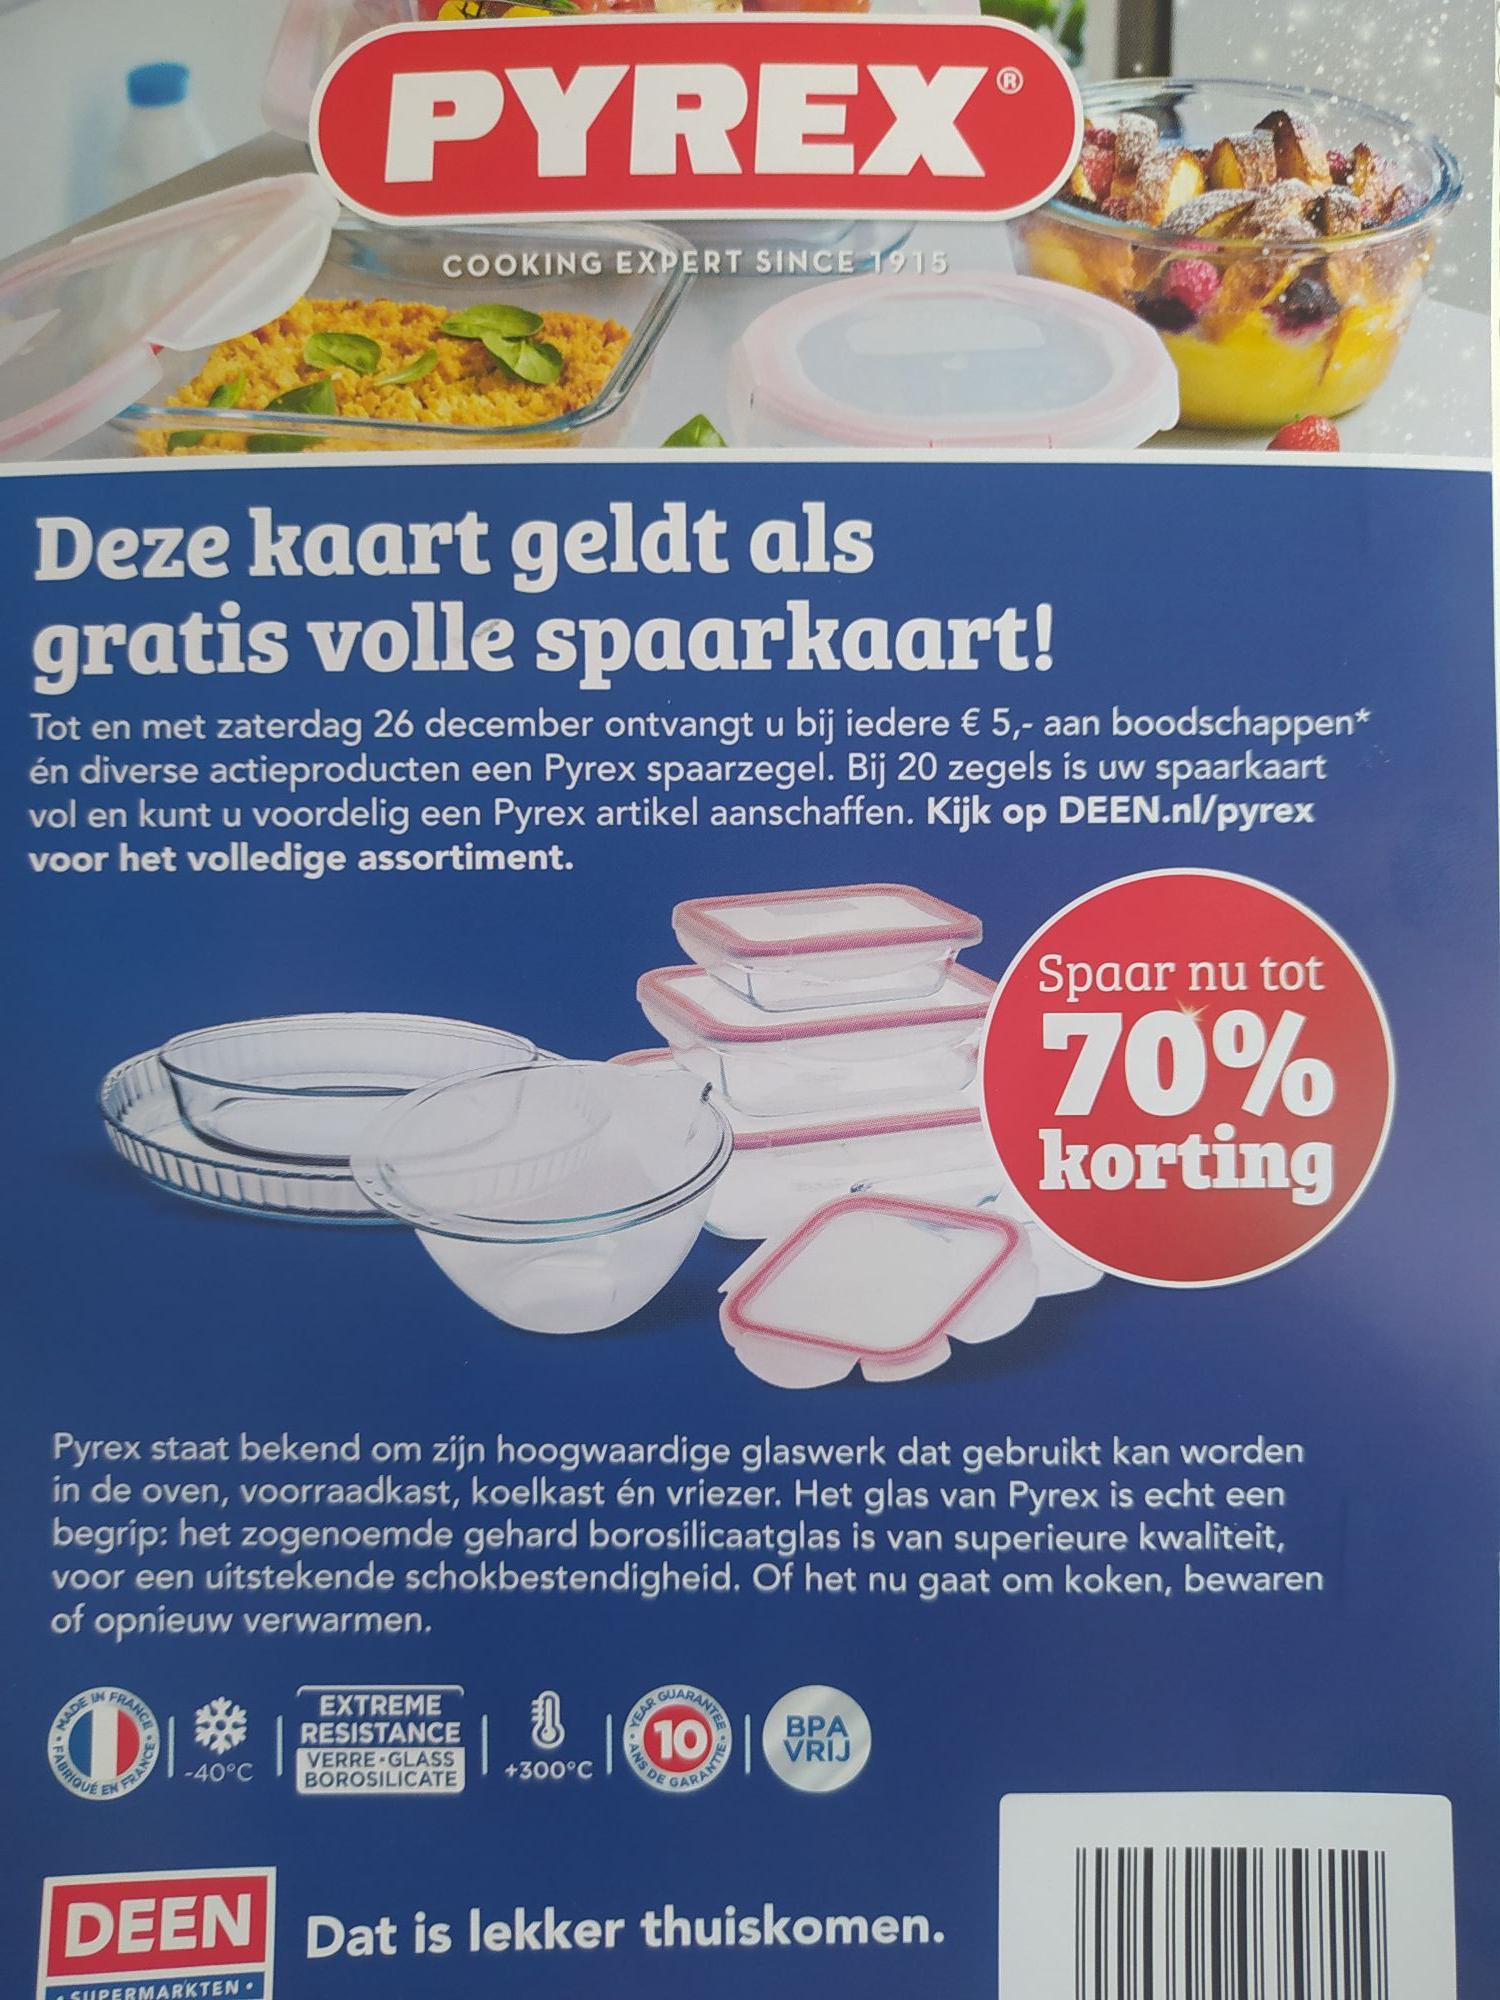 Gratis volle PYREX spaarkaart Deen.